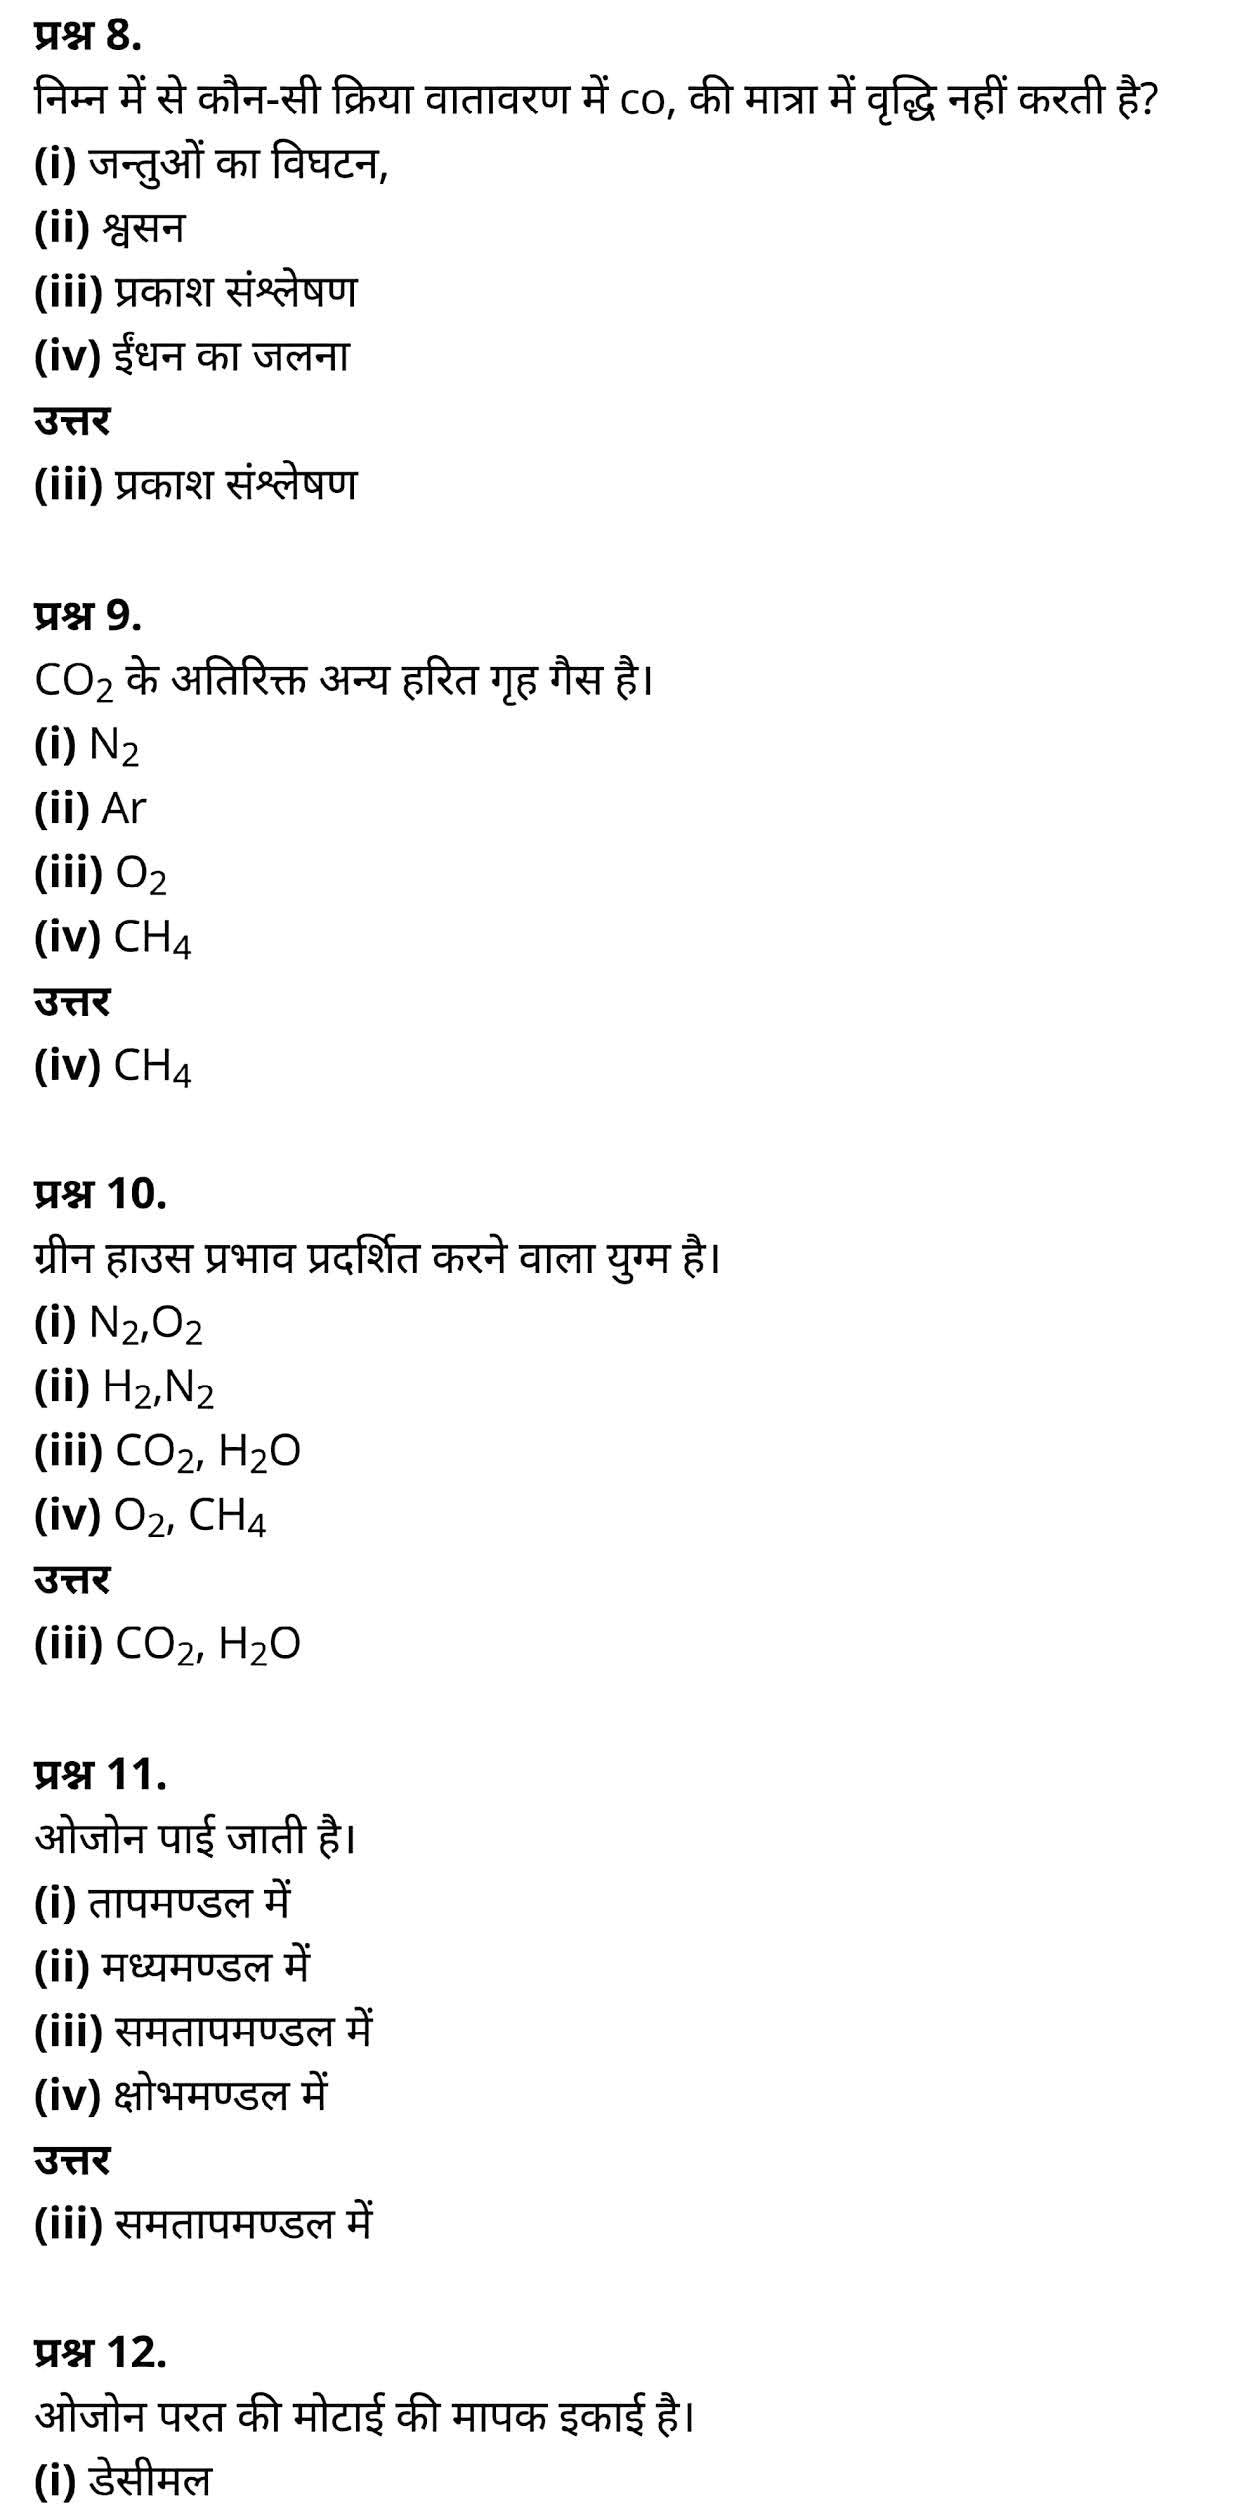 कक्षा 11 रसायन विज्ञान अध्याय 14 हिंदी में एनसीईआरटी समाधान